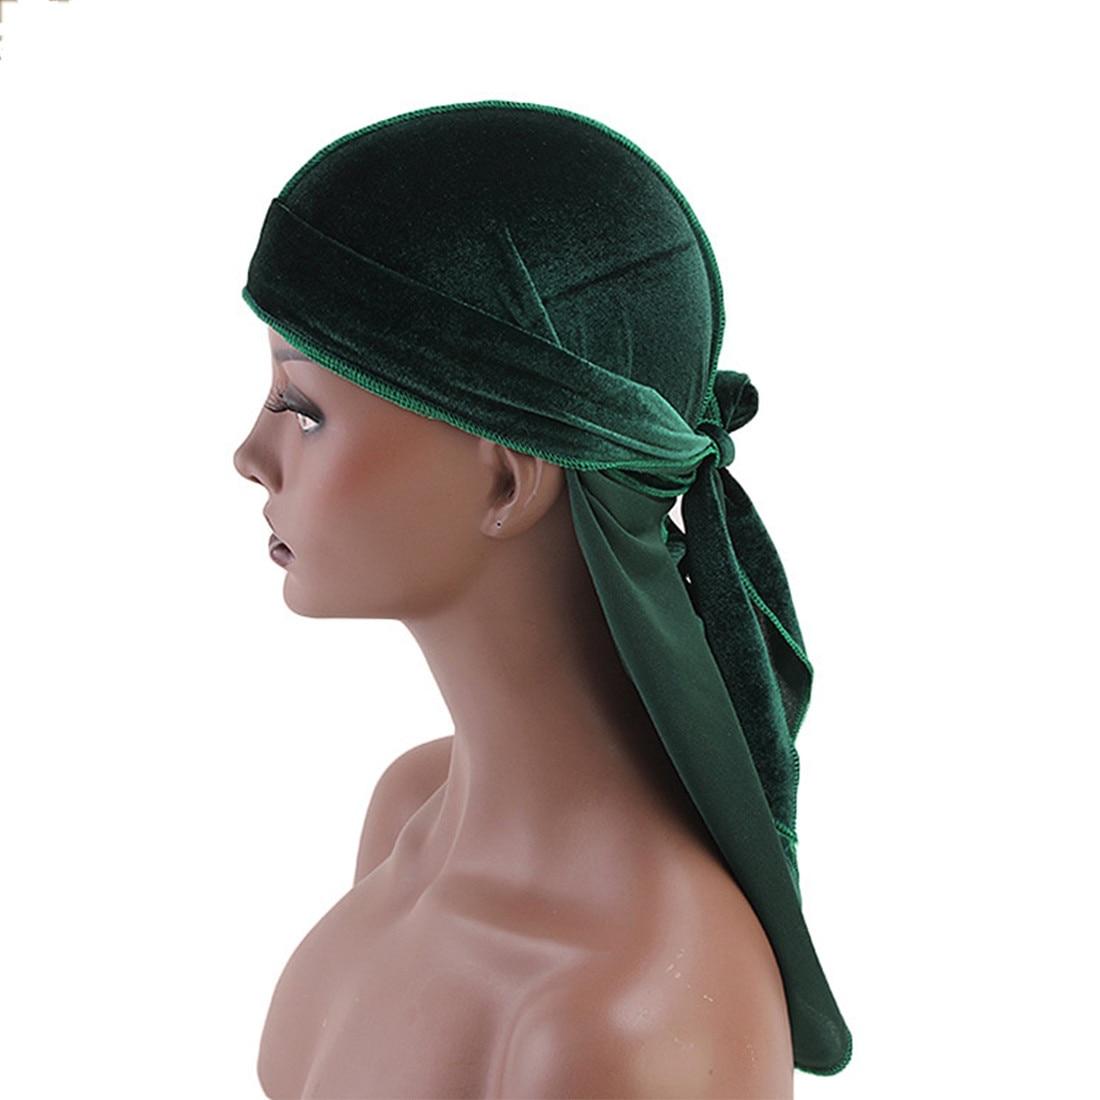 DIHOPE  Long Tail Silky Scarf Muslim Doo Rag Pirate Hat Durag Chemo Cap Skull Hat Turban Hair Band Bandanas 12 Colors For Choose